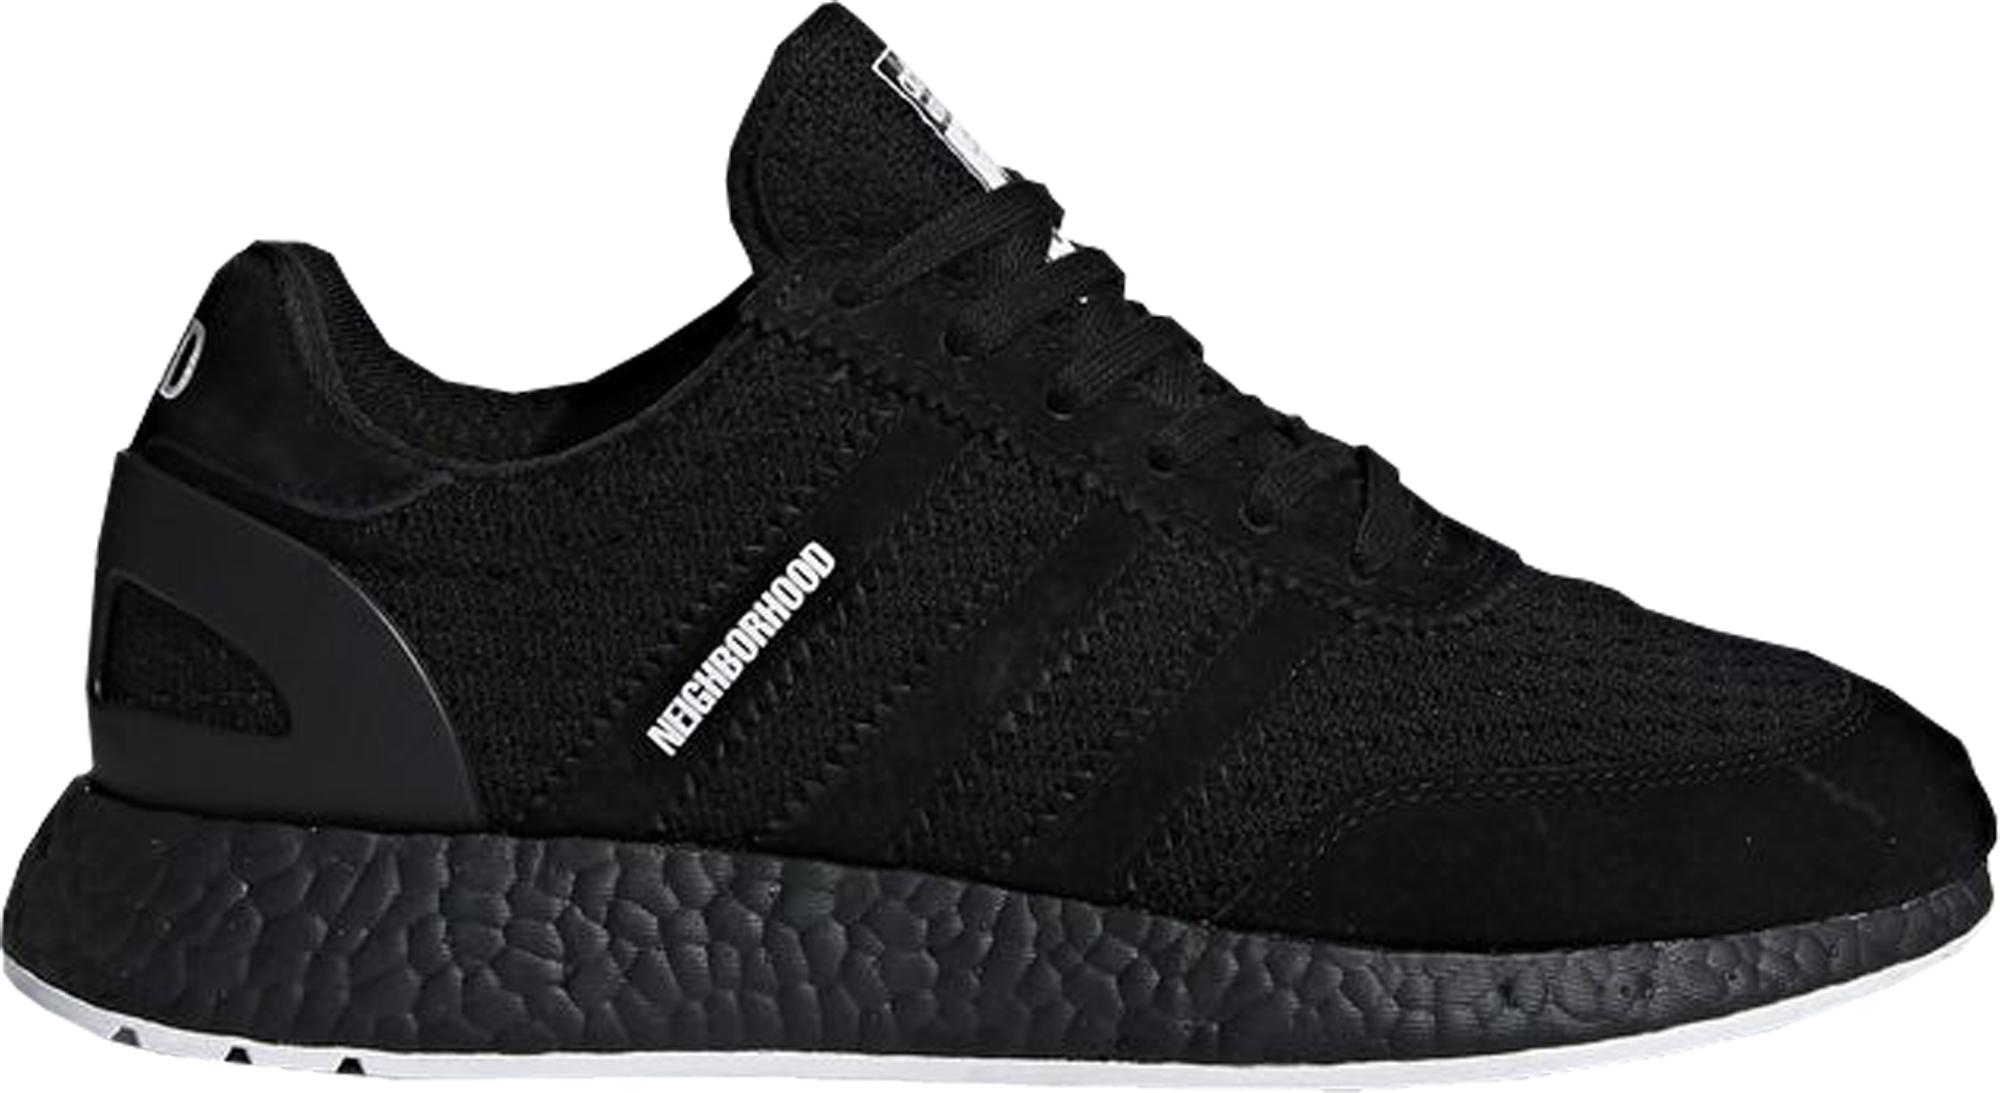 adidas I-5923 Neighborhood Core Black